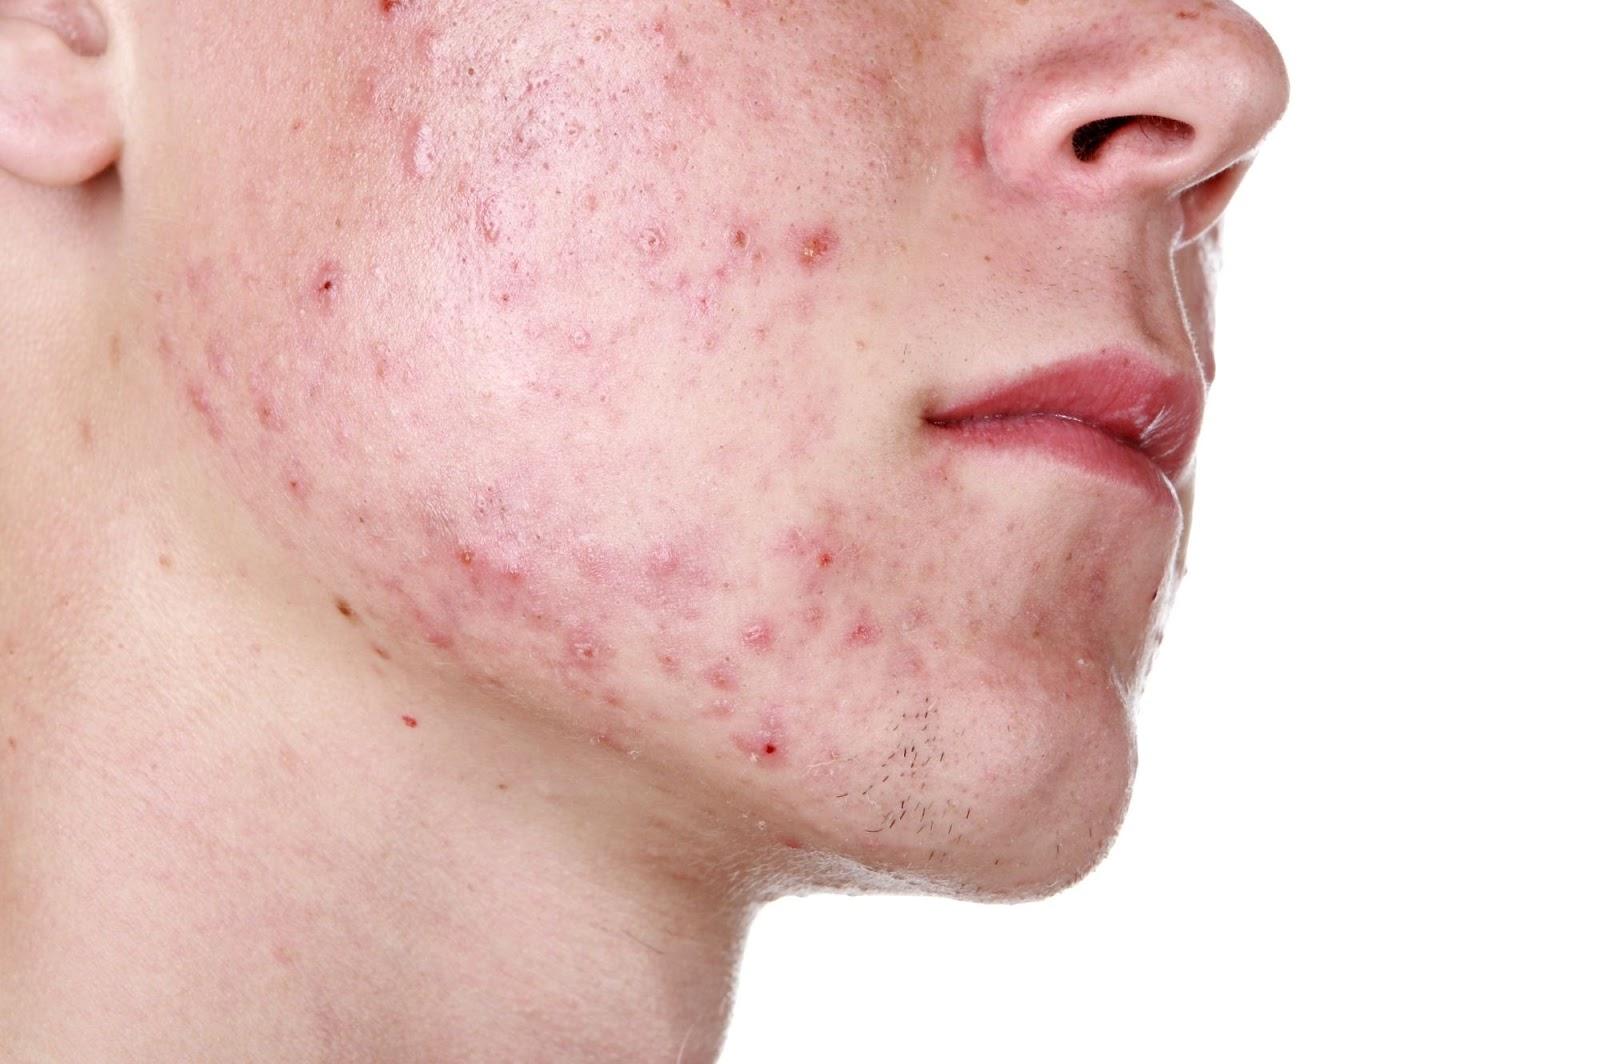 el acné